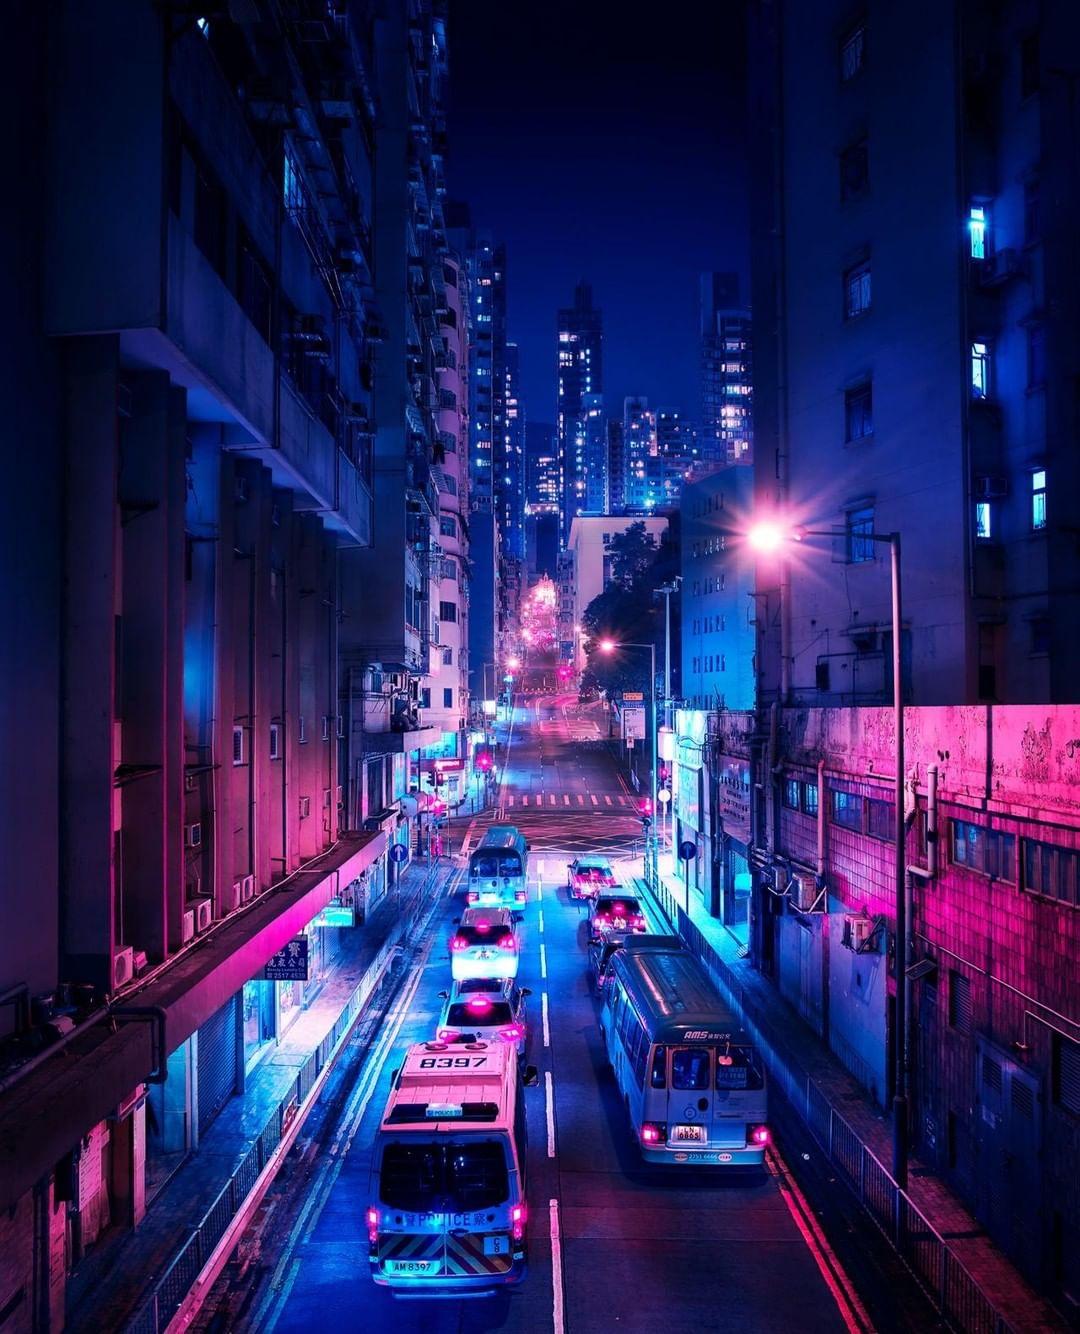 Повседневные ночные сцены в крупных мегаполисах от Axel Corjon